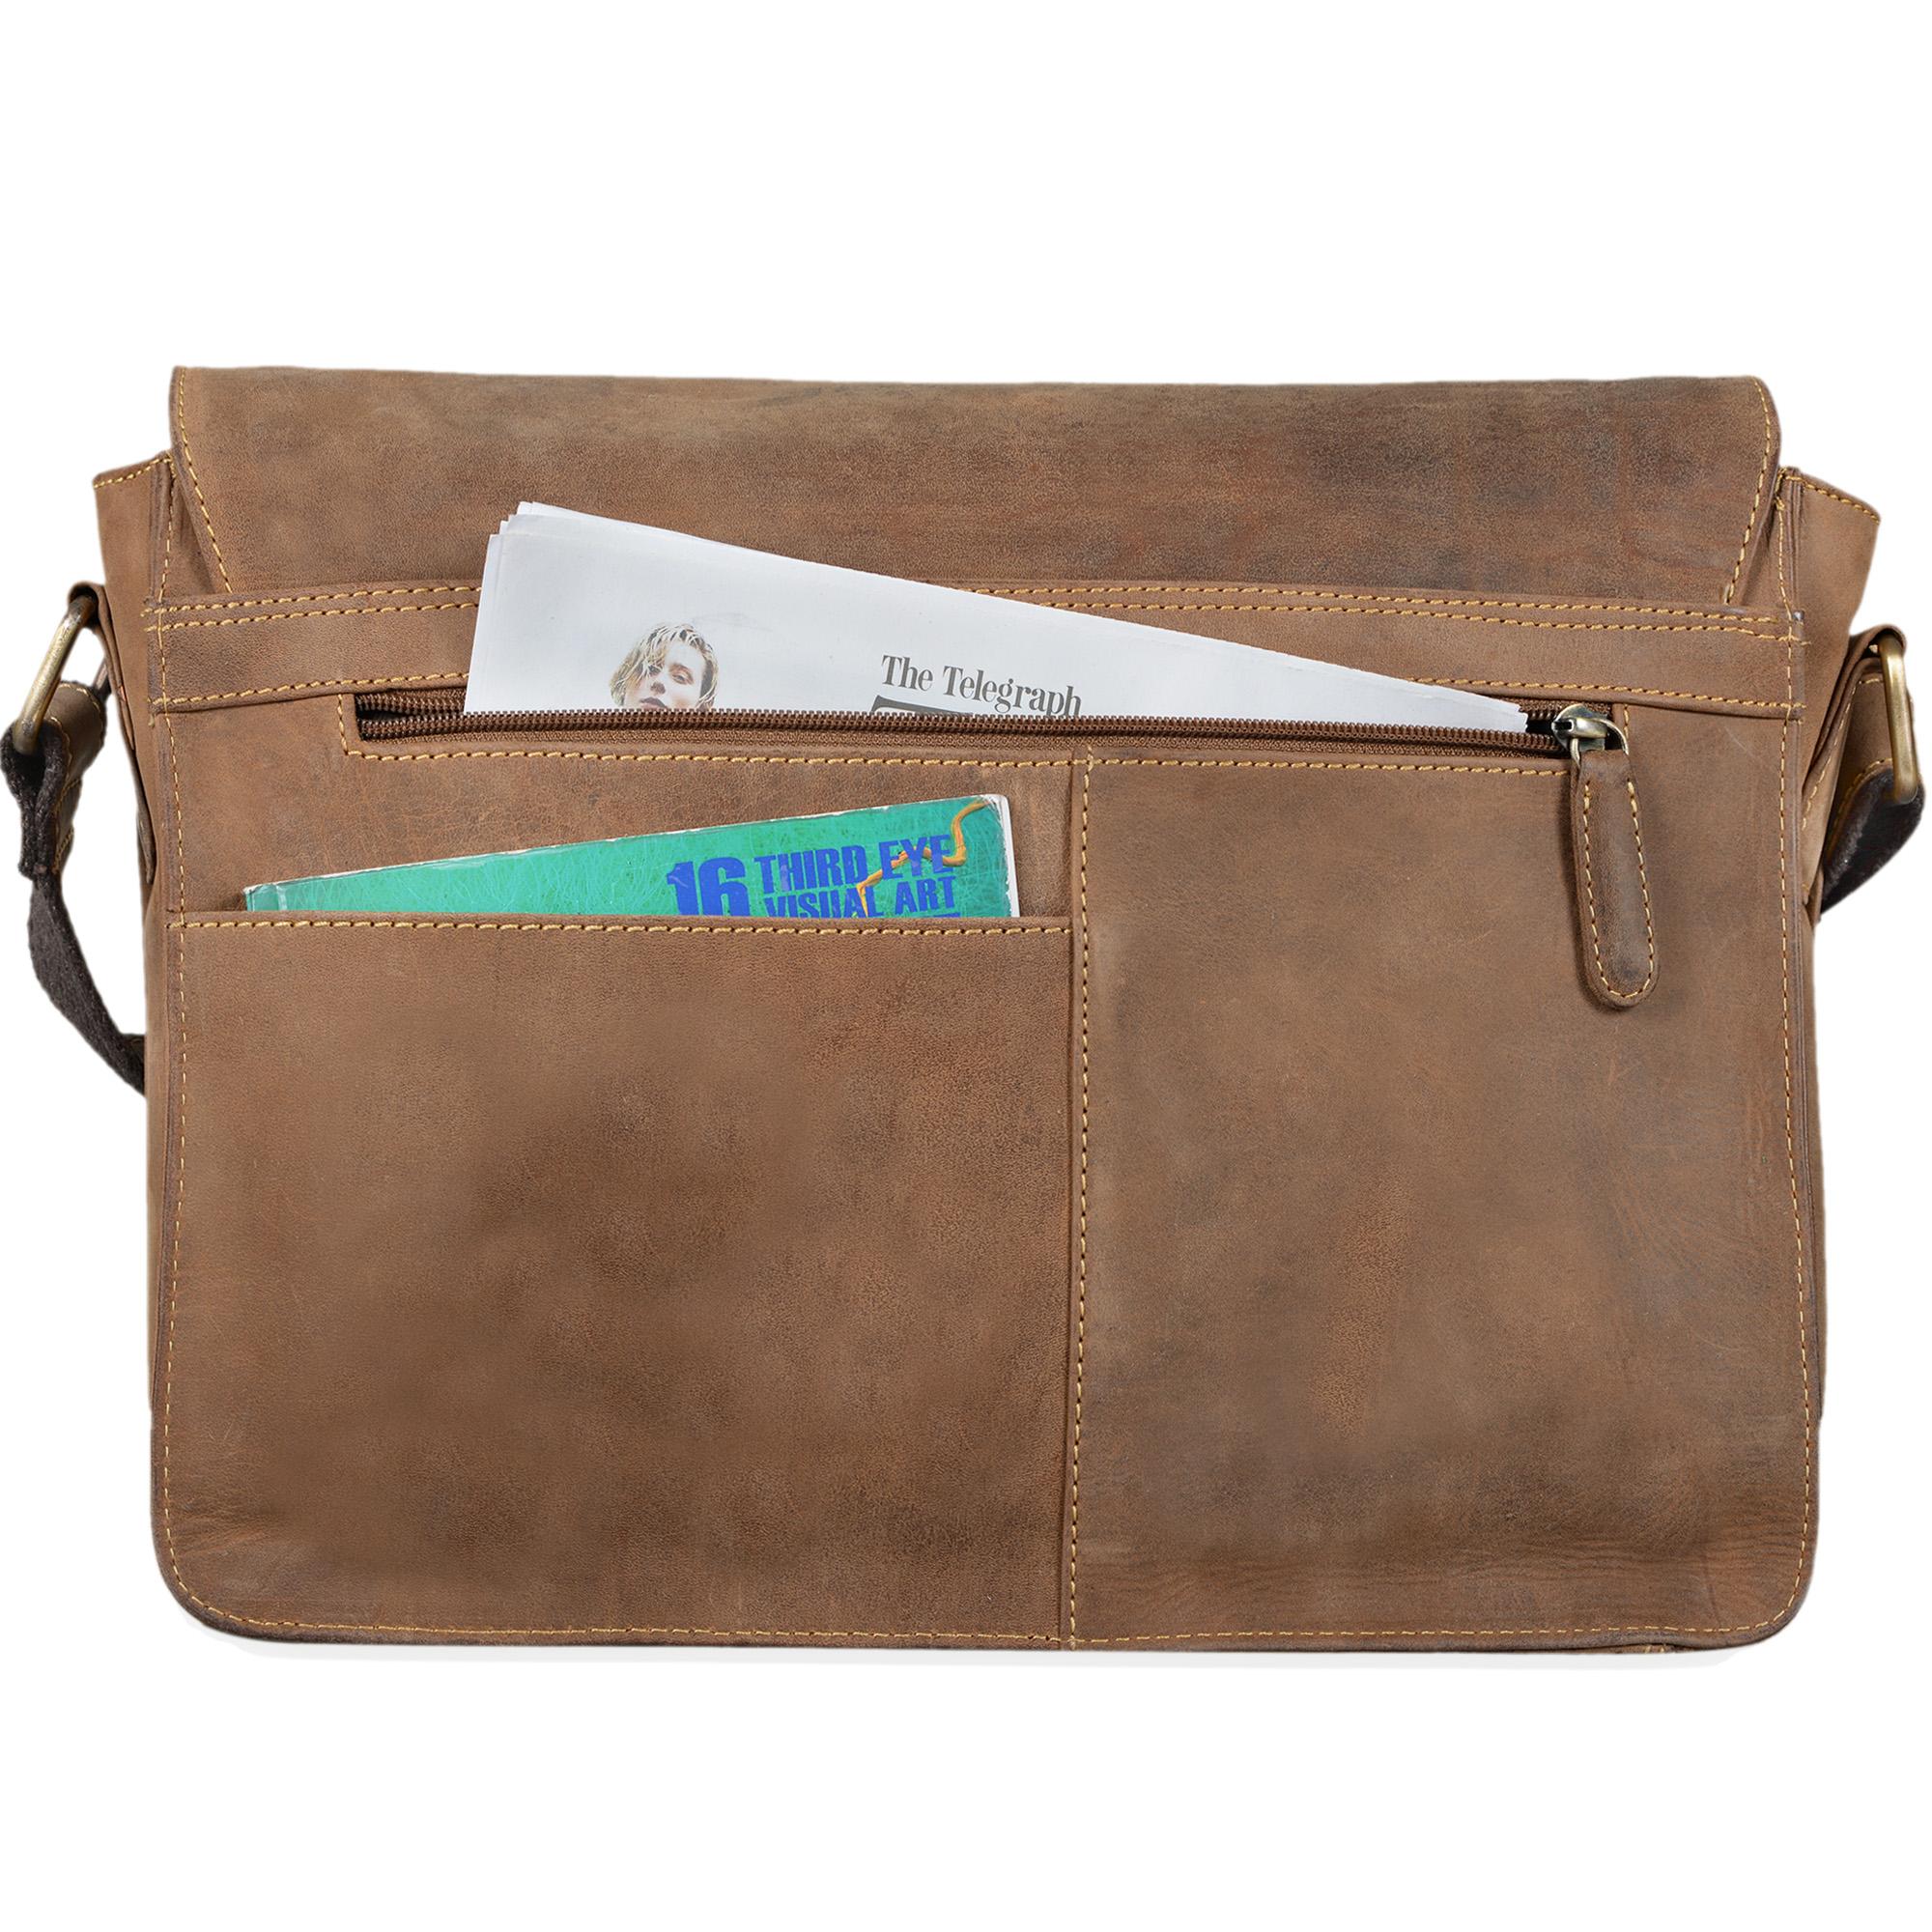 """STILORD """"Tim"""" Messenger Bag Leder für 13,3 Zoll MacBooktasche DIN A4 Herren Damen Vintage Umhängetasche Messengertasche Unitasche Büchertasche Echtleder - Bild 12"""